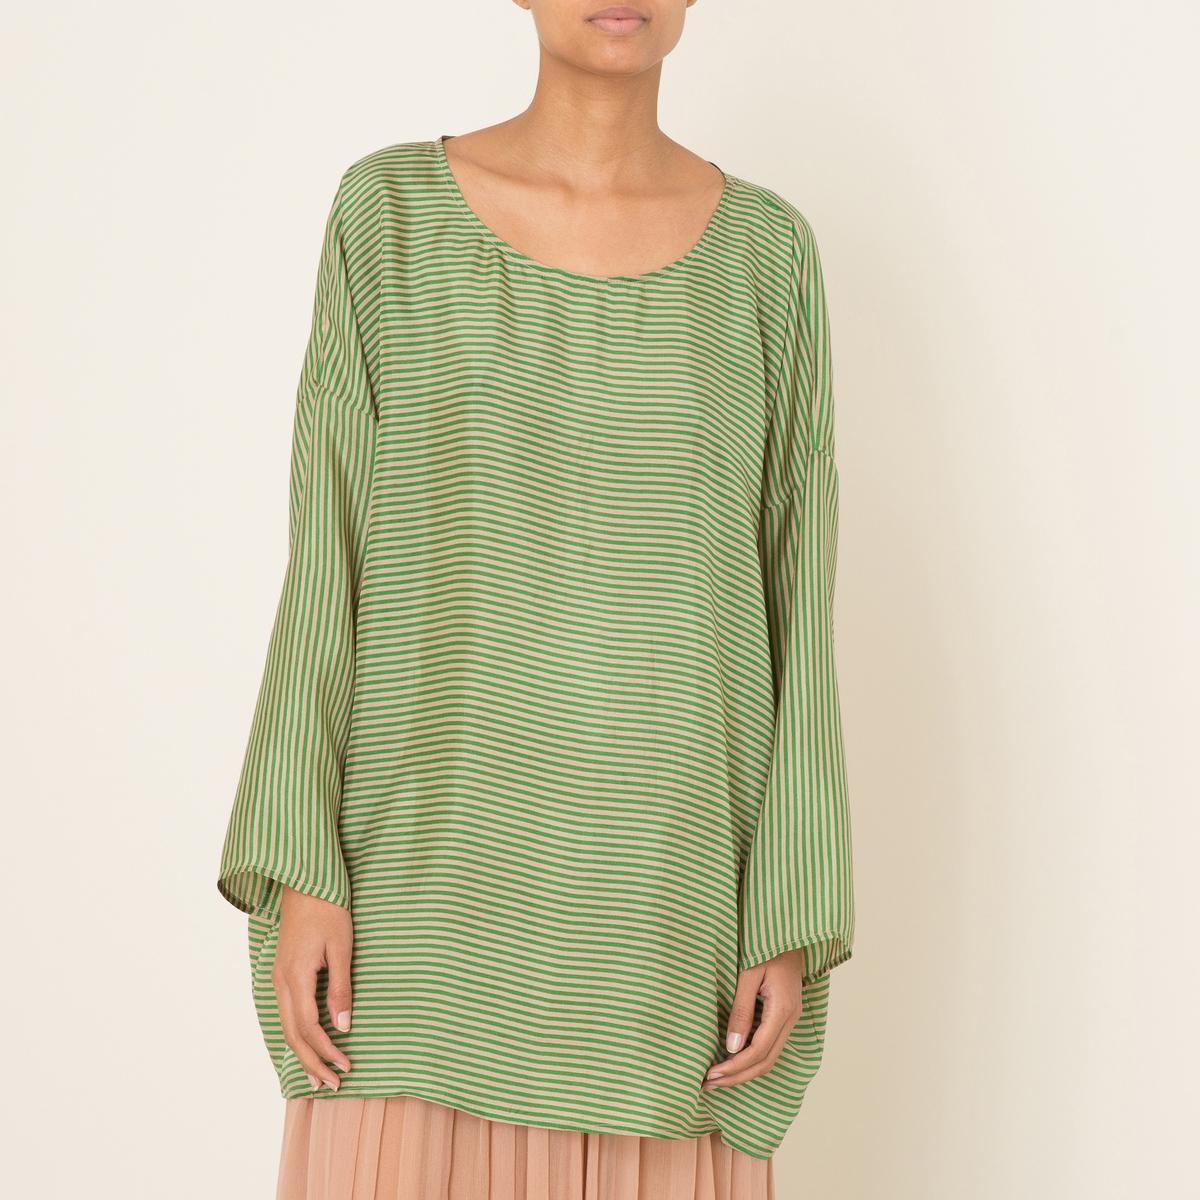 Блузка PIERCEБлузка MES DEMOISELLES - модель PIERCE форма туники, 100% шелк в полоску . Свободный круглый вырез. Приспущенные плечи и длинные рукава . Ультра объемный покрой . Состав и описание Материал : 100% шелкДлина : 81 см. для размера 36Марка : MES DEMOISELLES<br><br>Цвет: зеленый<br>Размер: M